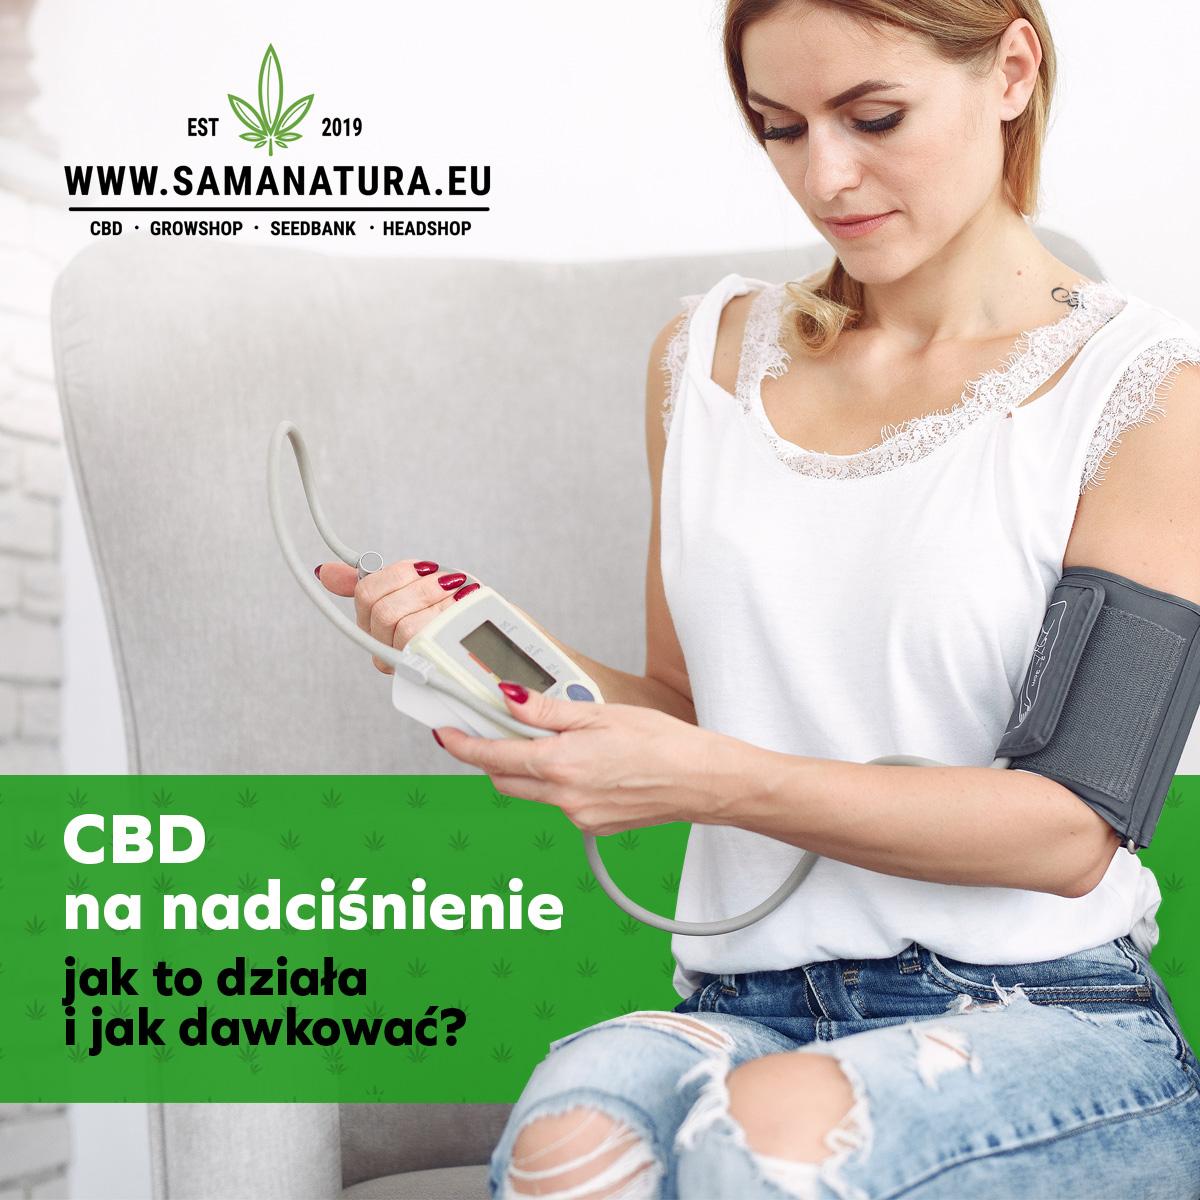 CBD na nadciśnienie